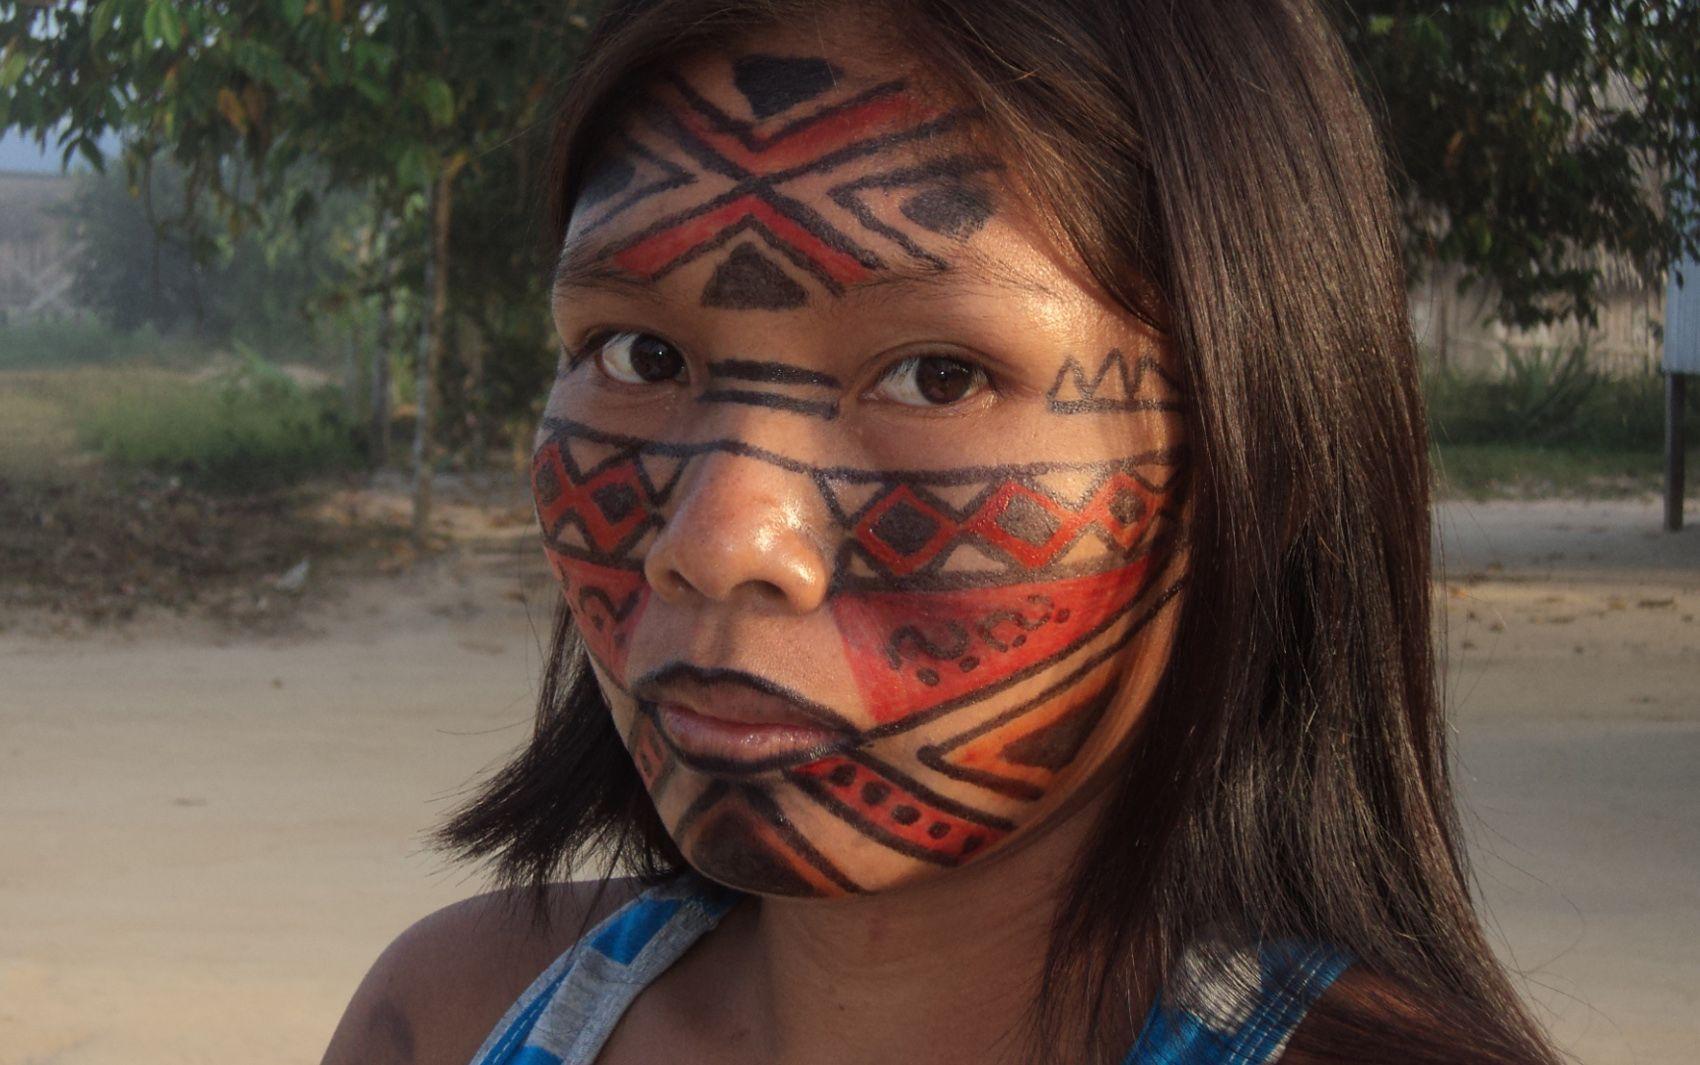 Artesãos Ou Artesaos ~ No Festival Huni Kuin Kaxinawá, em Tarauacá (AC), por Mirna Nunes de Marins, 2011 u00cdndios do